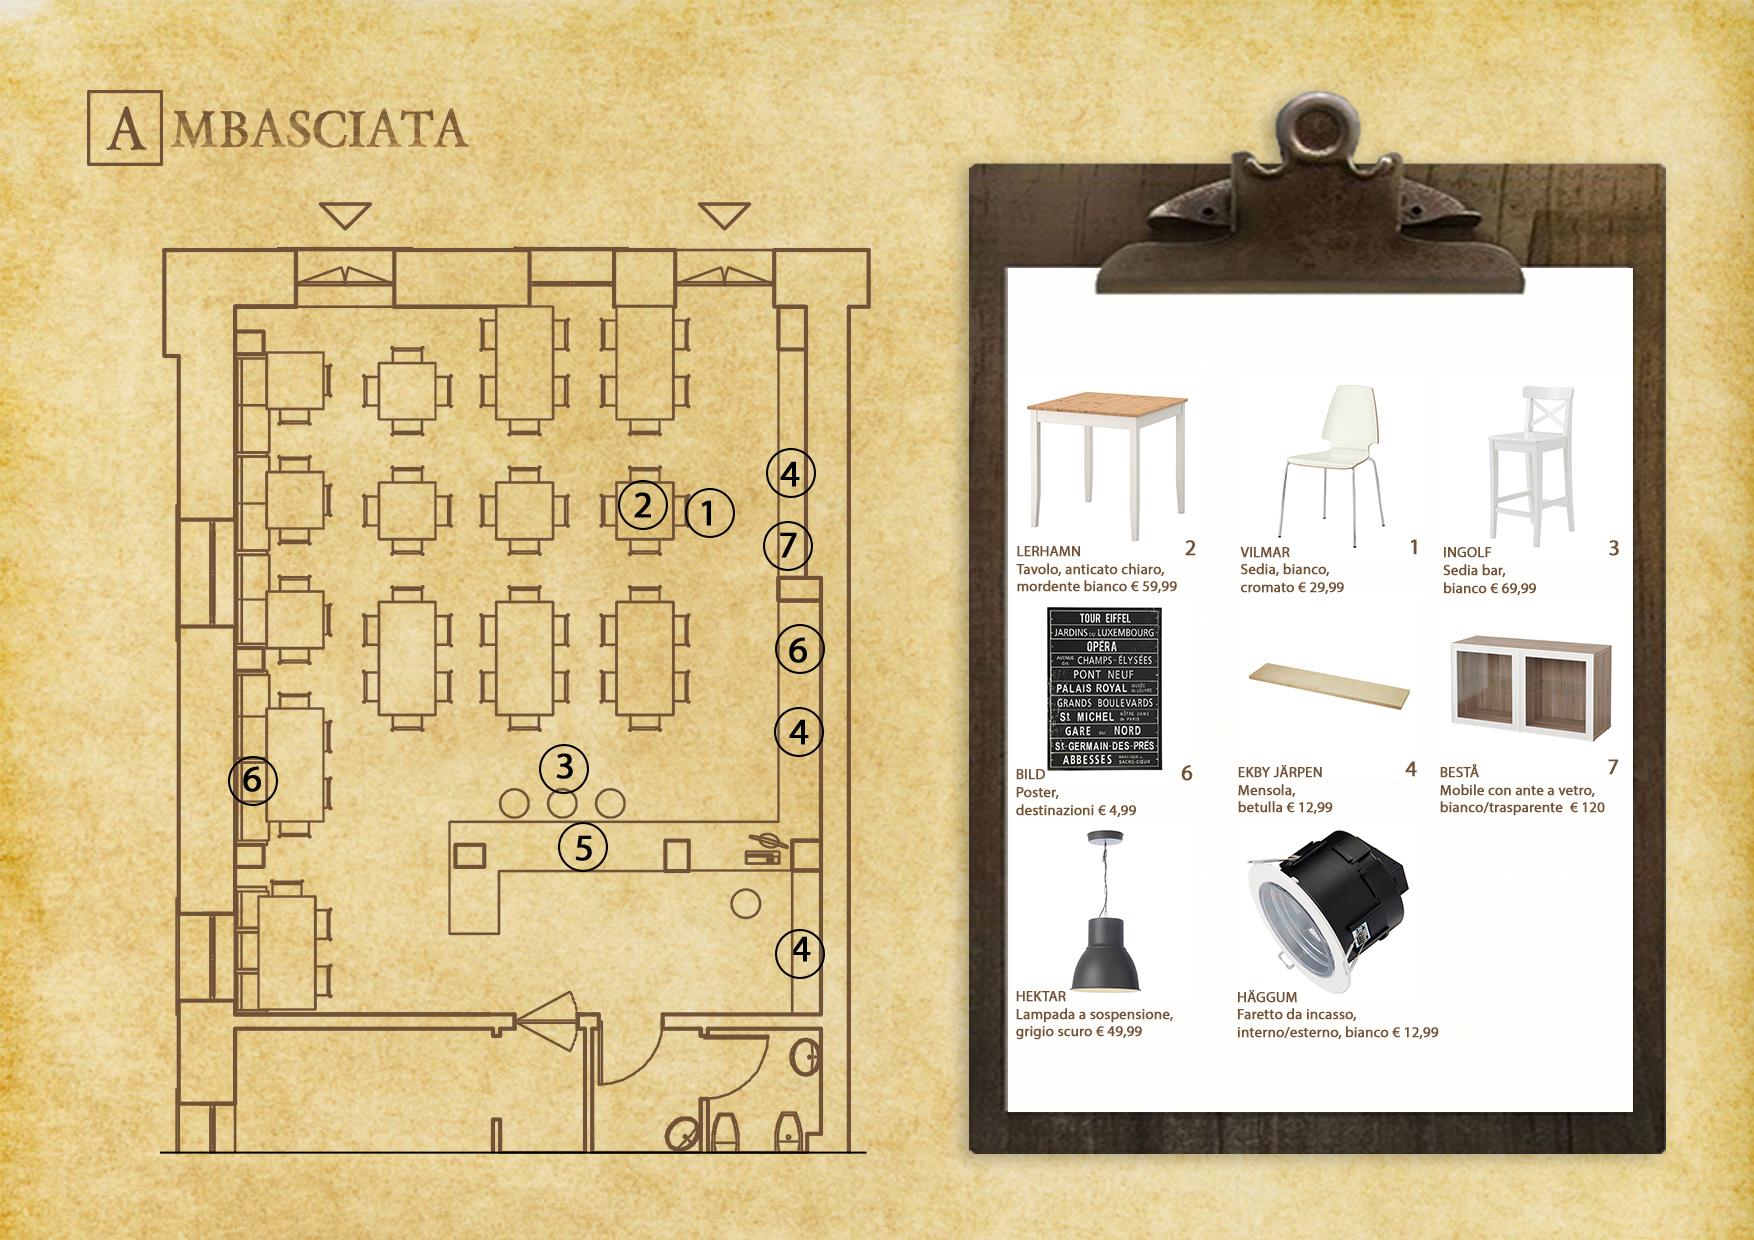 Schema degli arredi - © R. Aleotti, A. Pea, T. Tamborriello